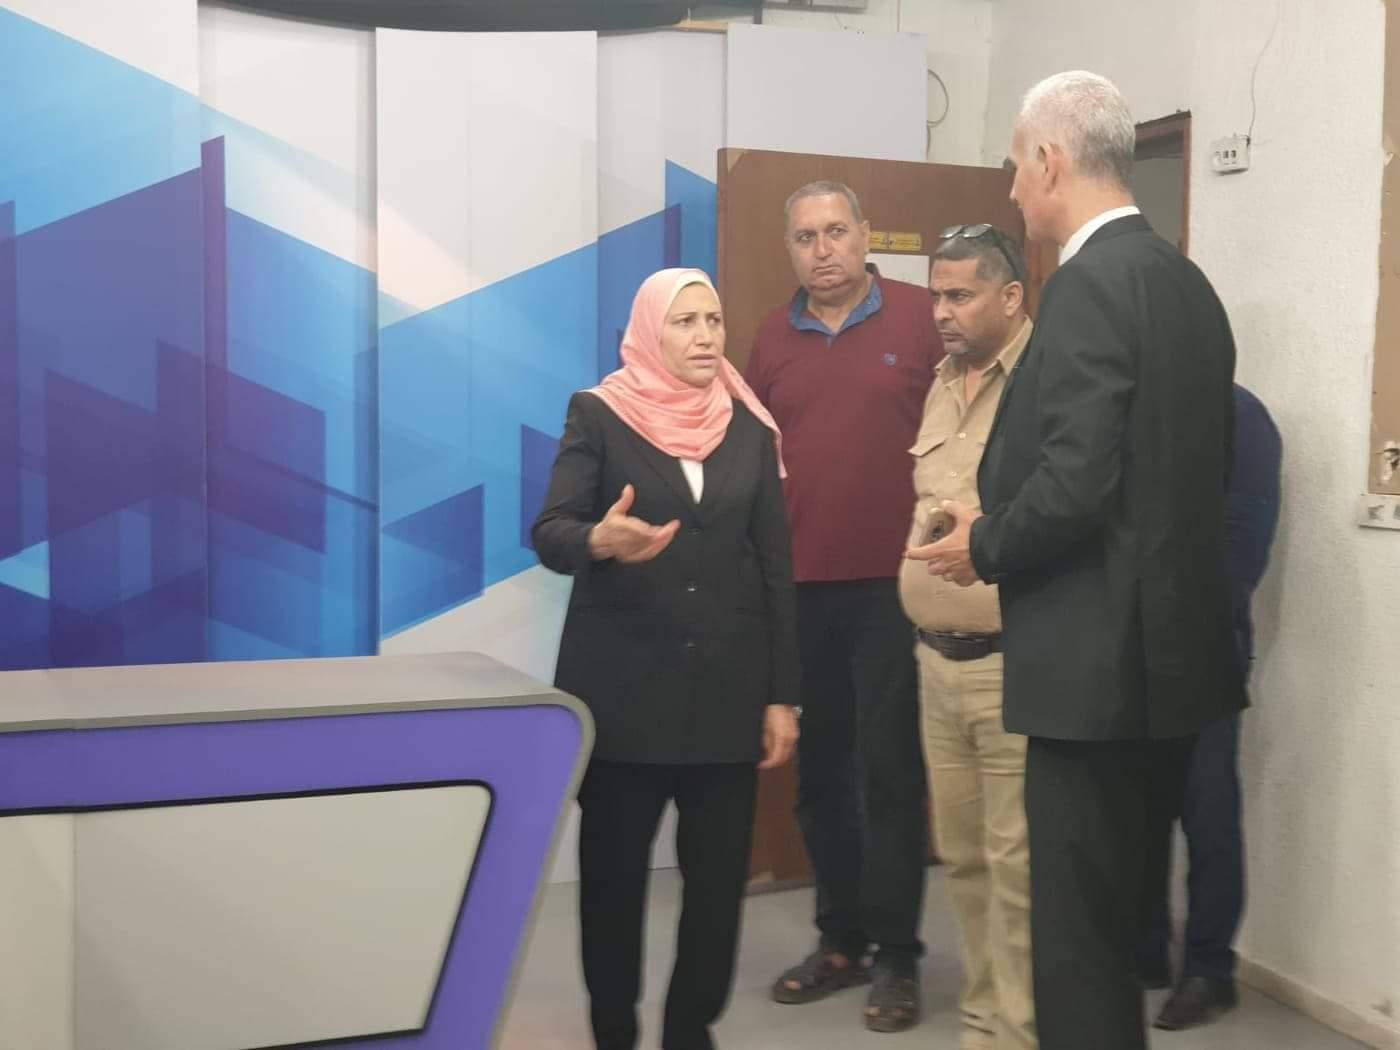 الوزيرة حمد تتفقد مقر فضائية فلسطين بغزة